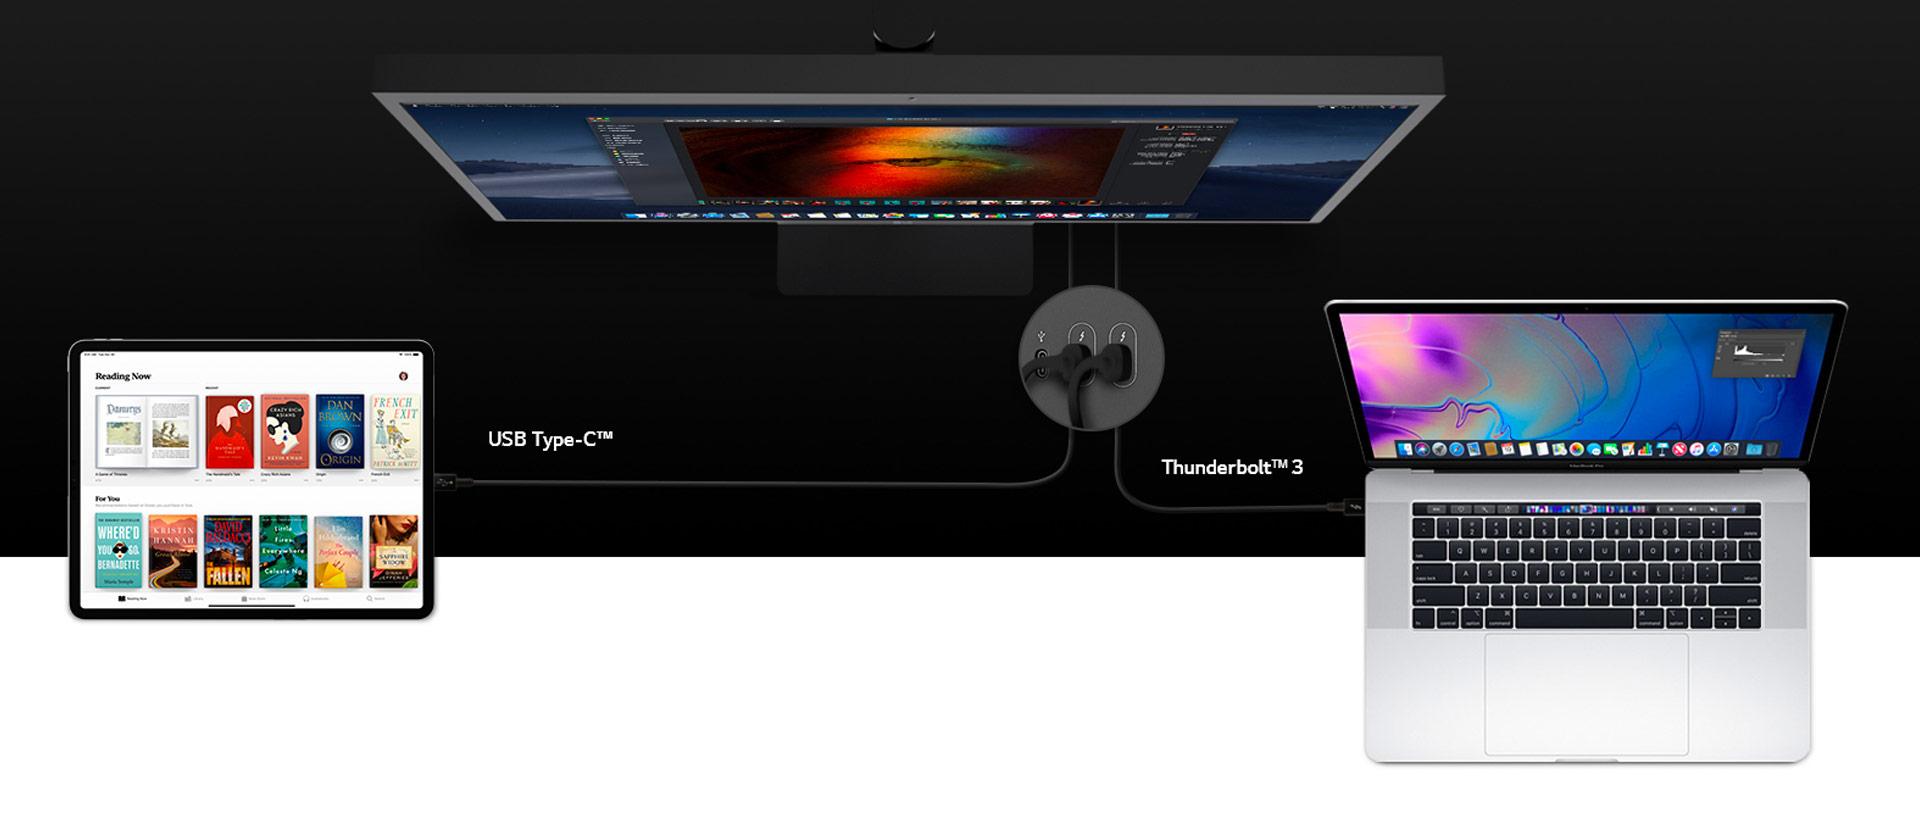 LG 24MD4KL monitor pre mac